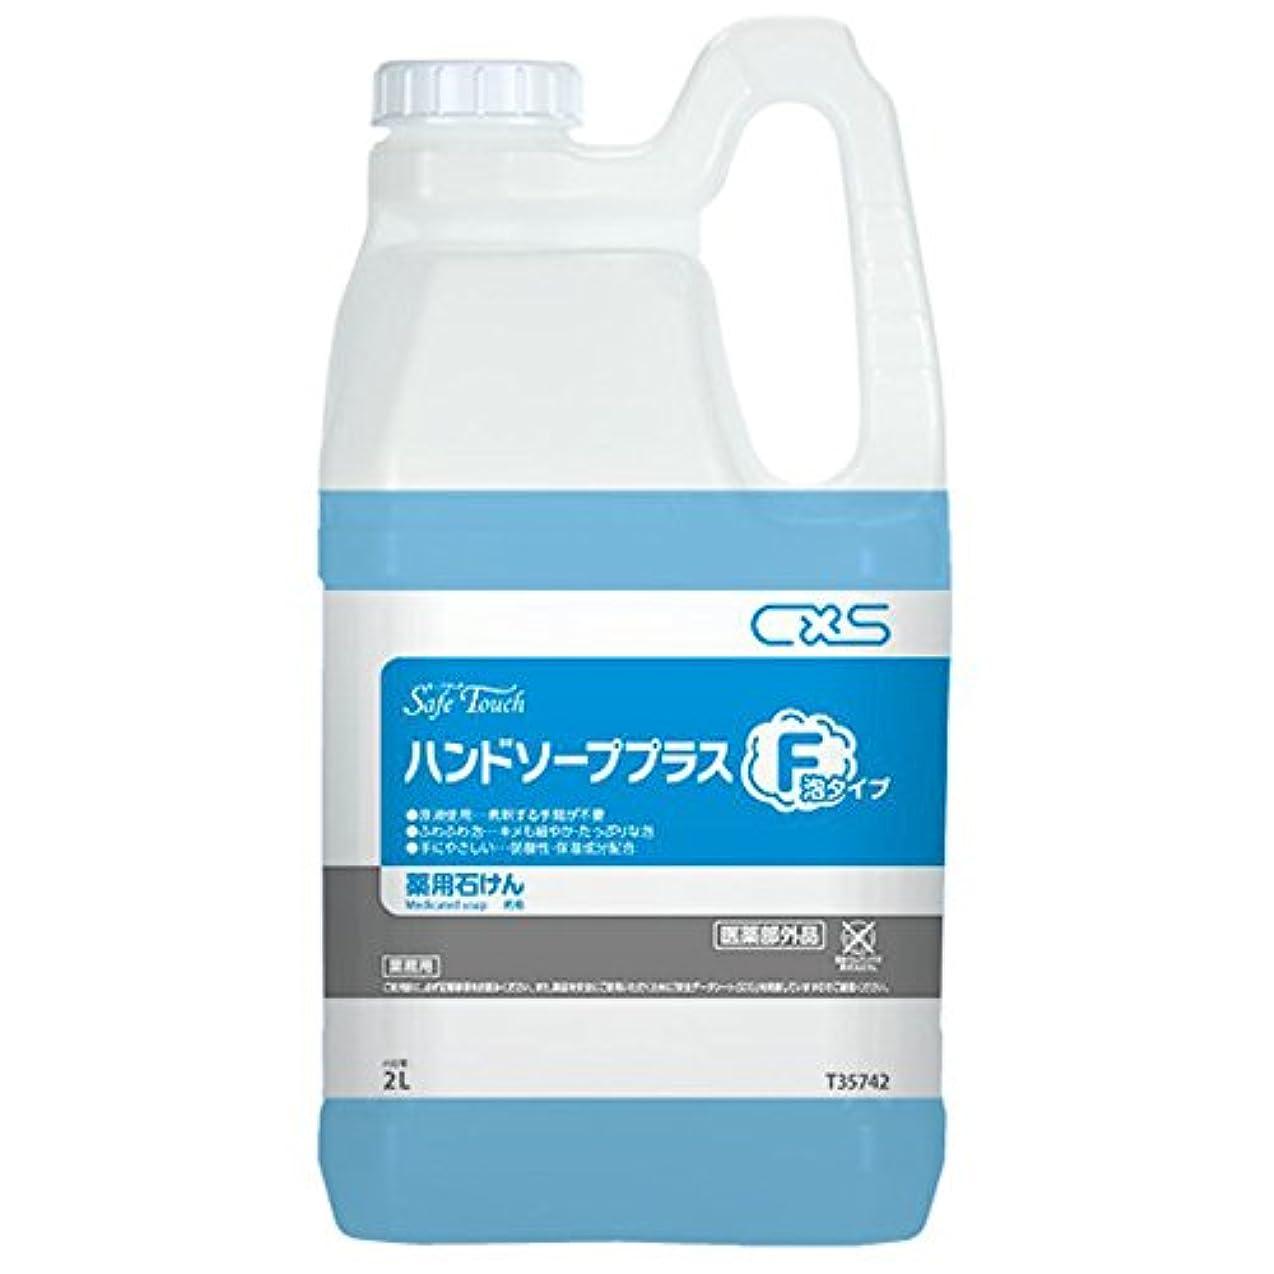 一見疎外するジョイントシーバイエス(C×S) 殺菌?消毒用手洗い石けん セーフタッチハンドソーププラスF 2L